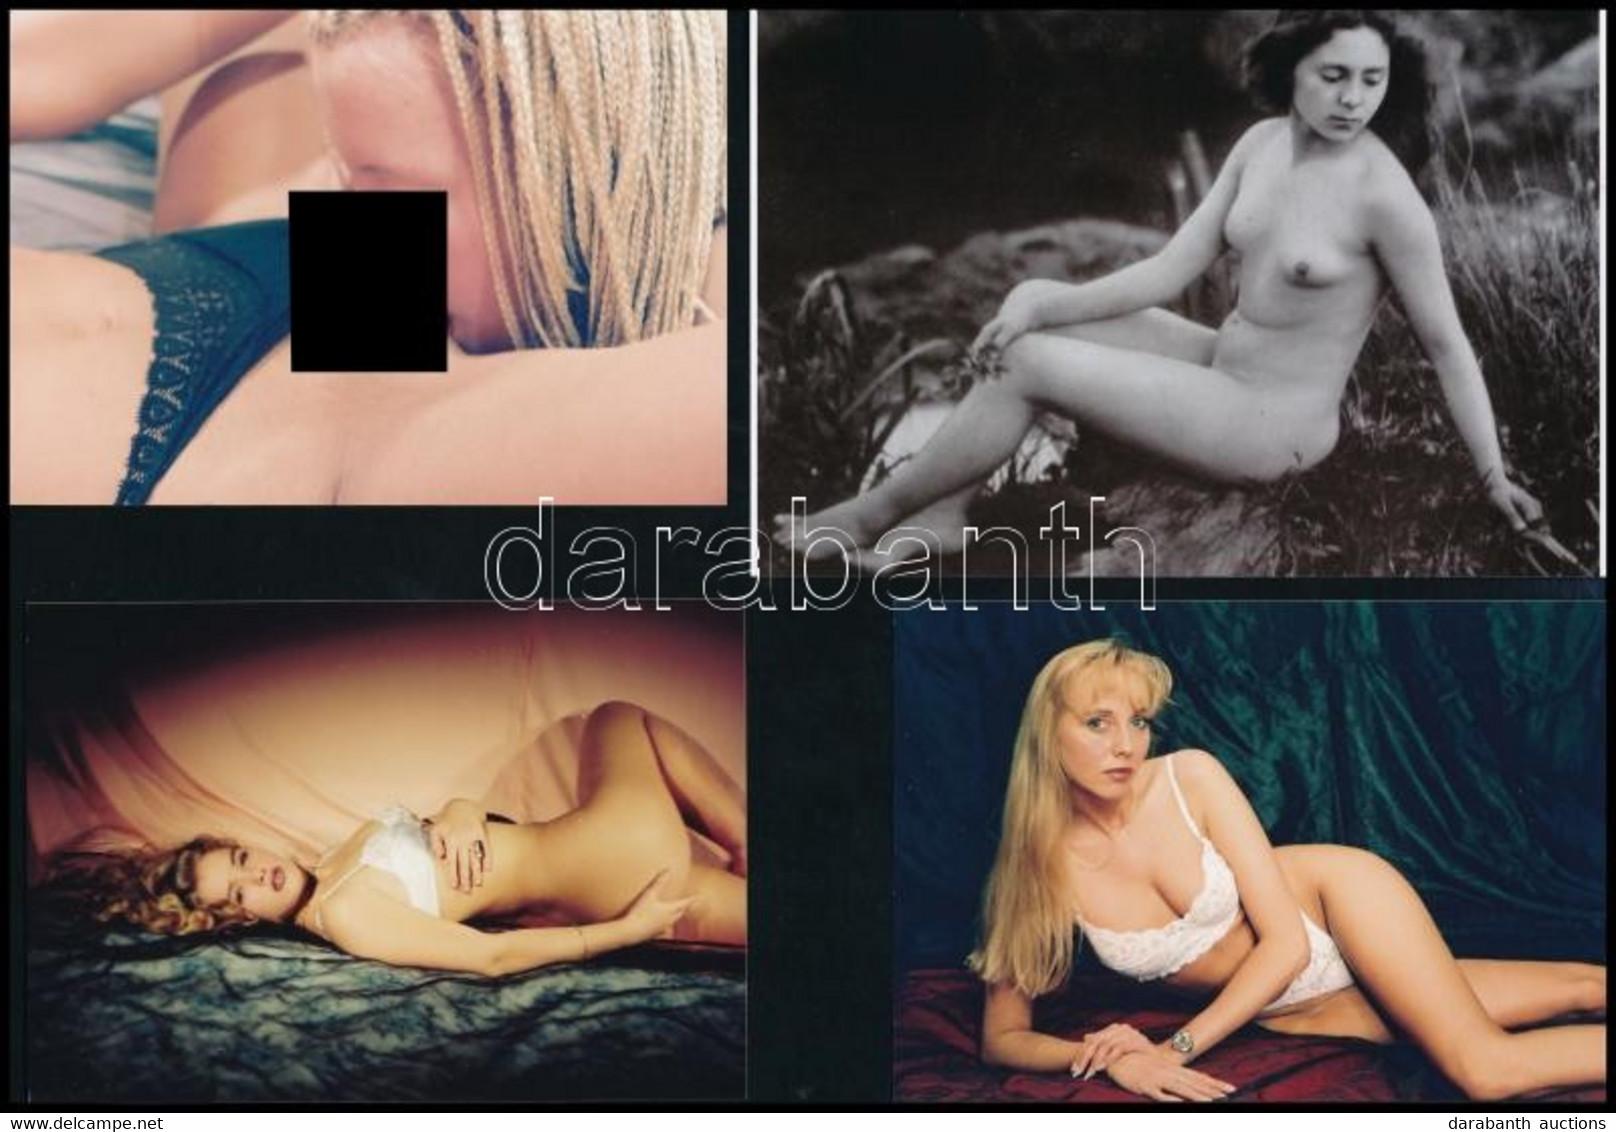 Szolidan Erotikus Fényképek Az Asztal Fiából, Vegyes Mix (3. Sz. Válogatás), 13 Db Fotó, 6x9 Cm és 10x15 Cm Között - Non Classificati